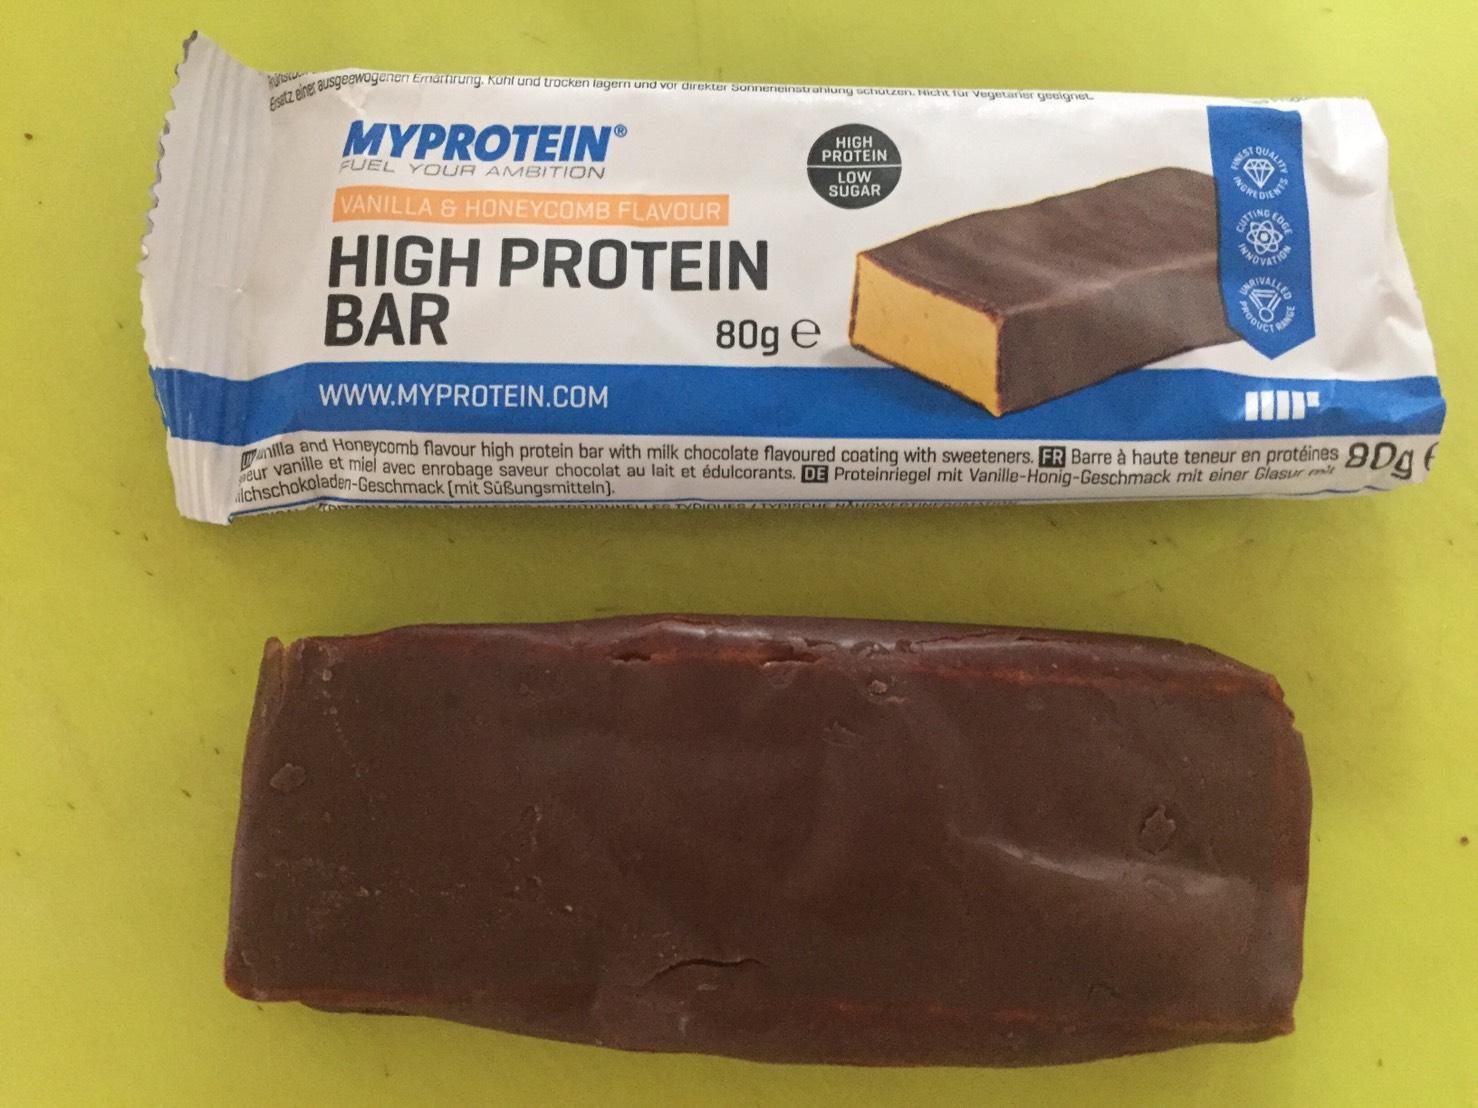 ハイプロテインバー(High Protein Bar)「VANILLA&HONEYCOMB FLAVOUR(バニラ&ハニーコンボ味)」を開封した様子